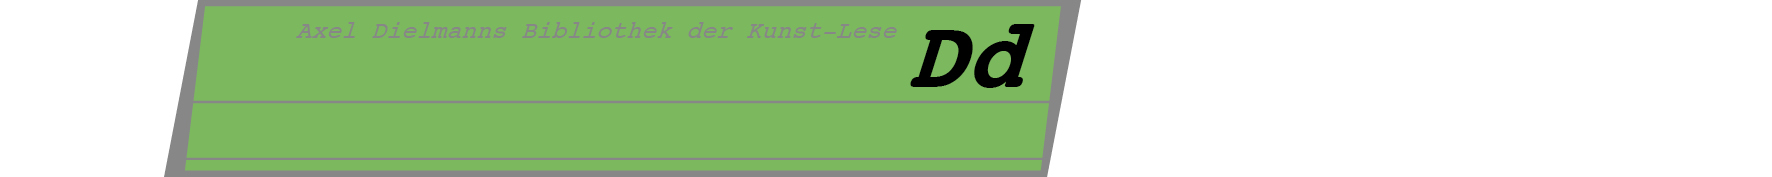 Kartei-D